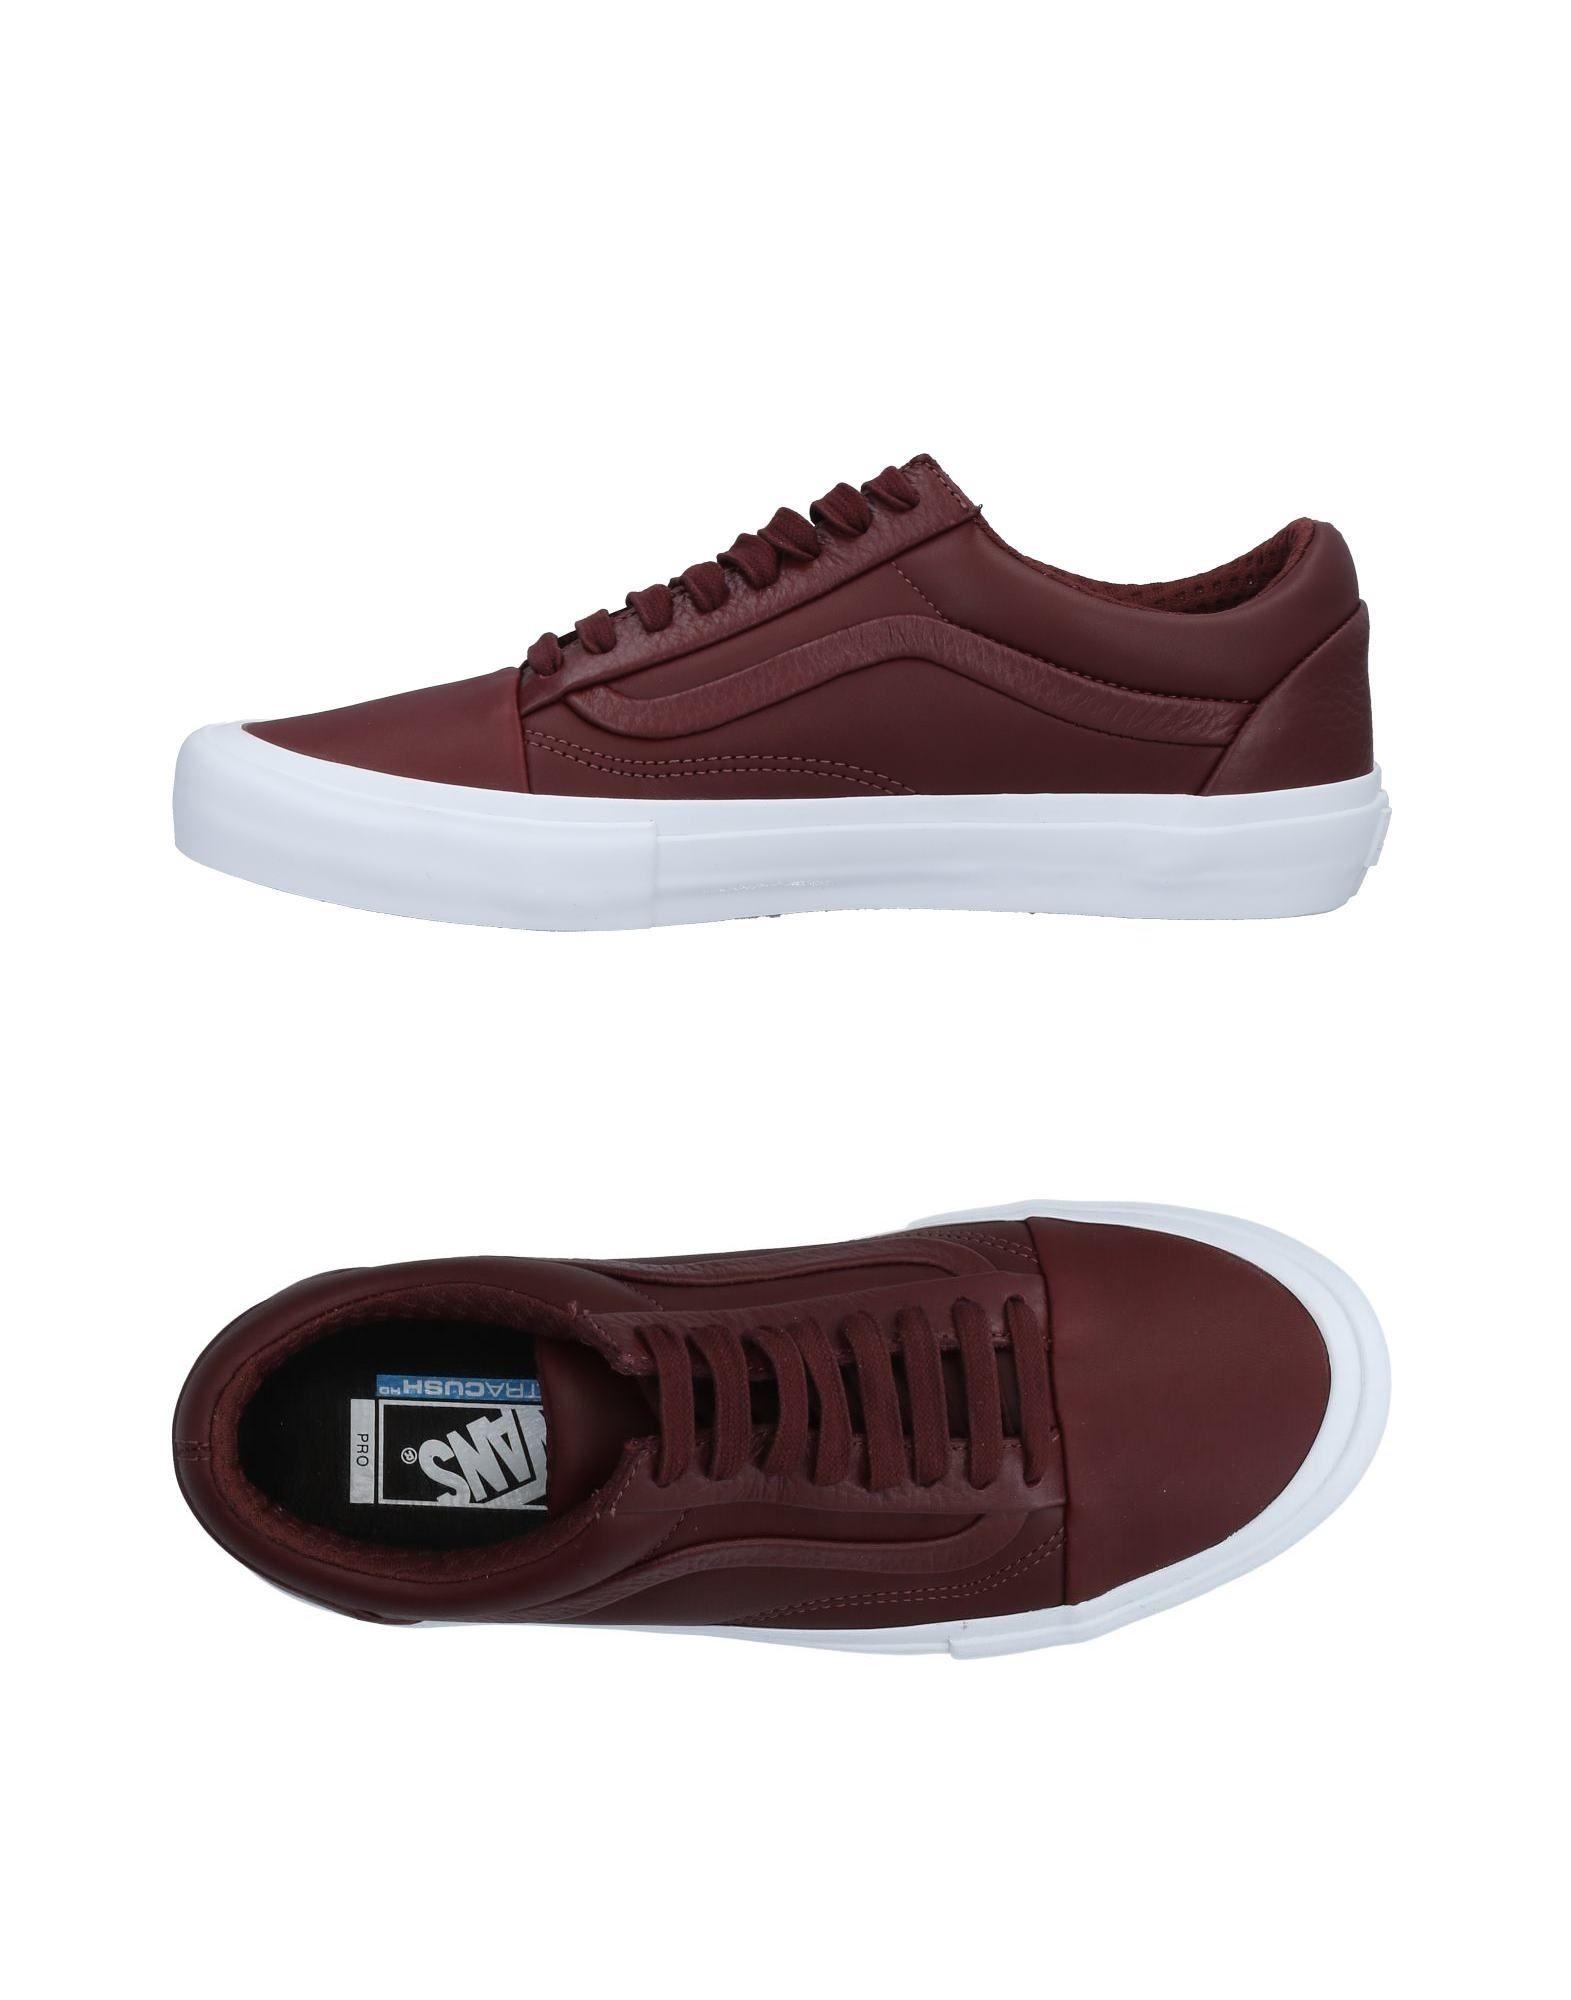 Rabatt Herren echte Schuhe Vans Sneakers Herren Rabatt  11473975OX c0c71e